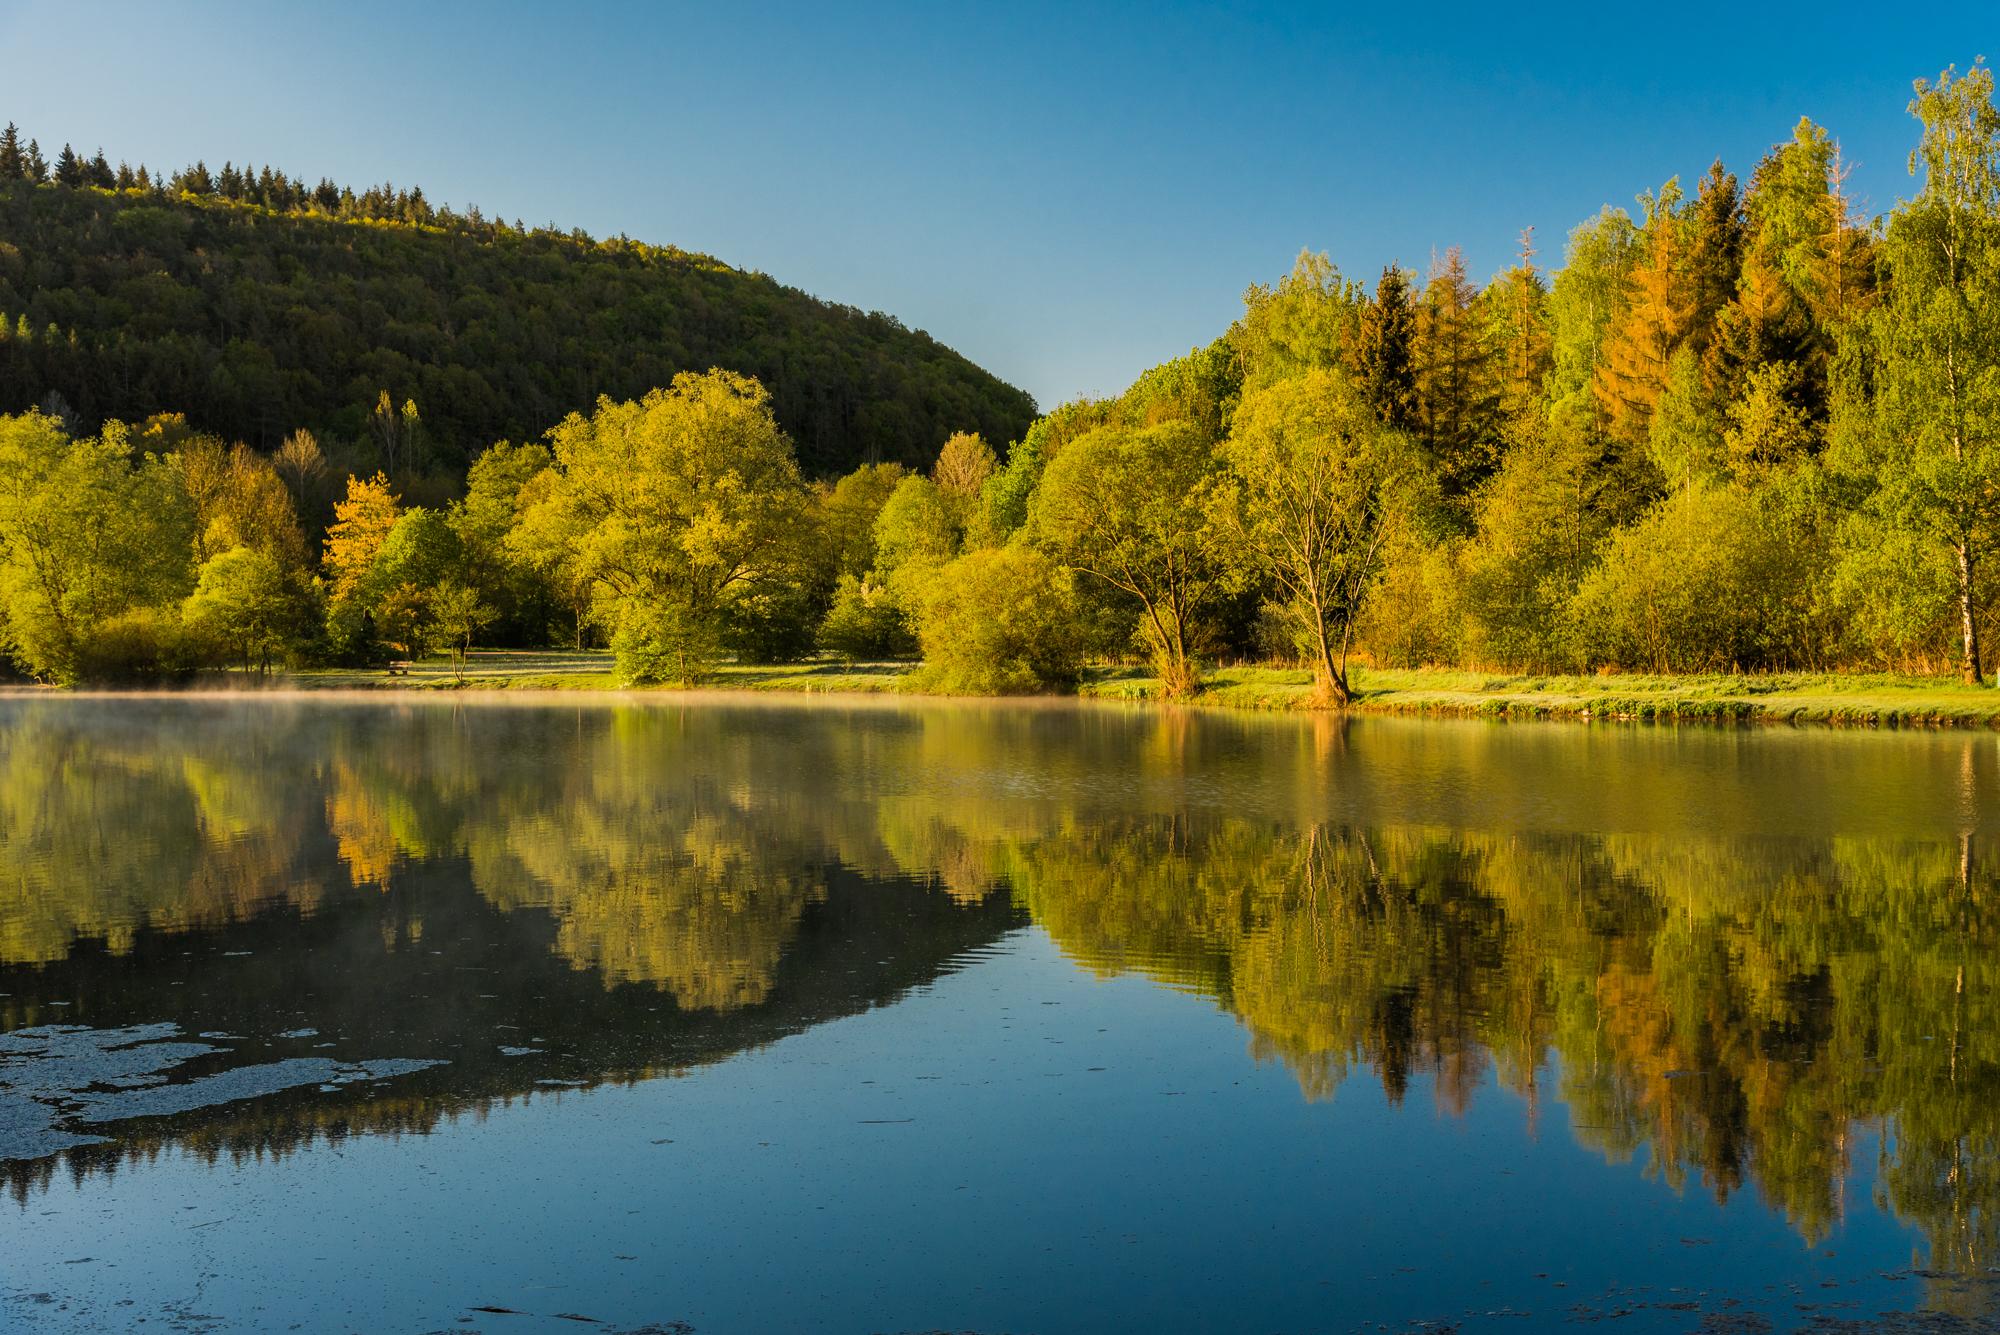 Hochwasserrückhaltebecken Eicherscheid, Germany